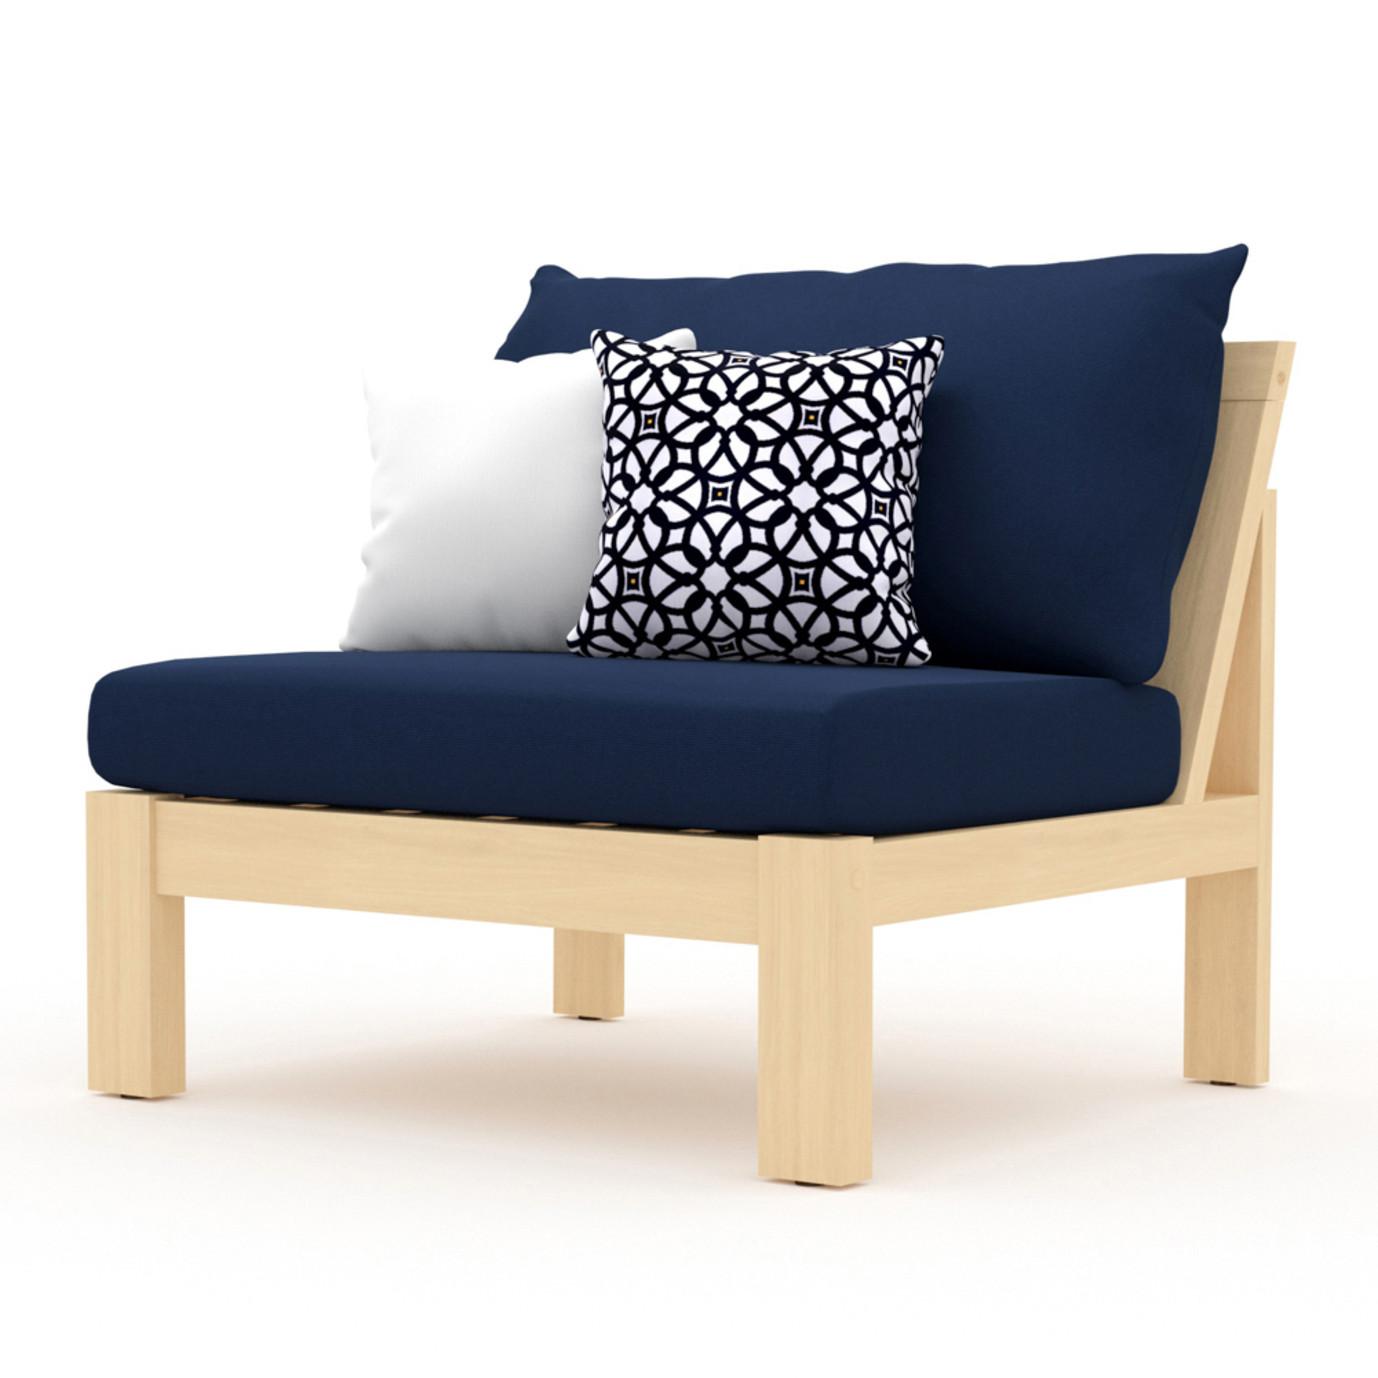 Benson 9pc Seating Set - Navy Blue